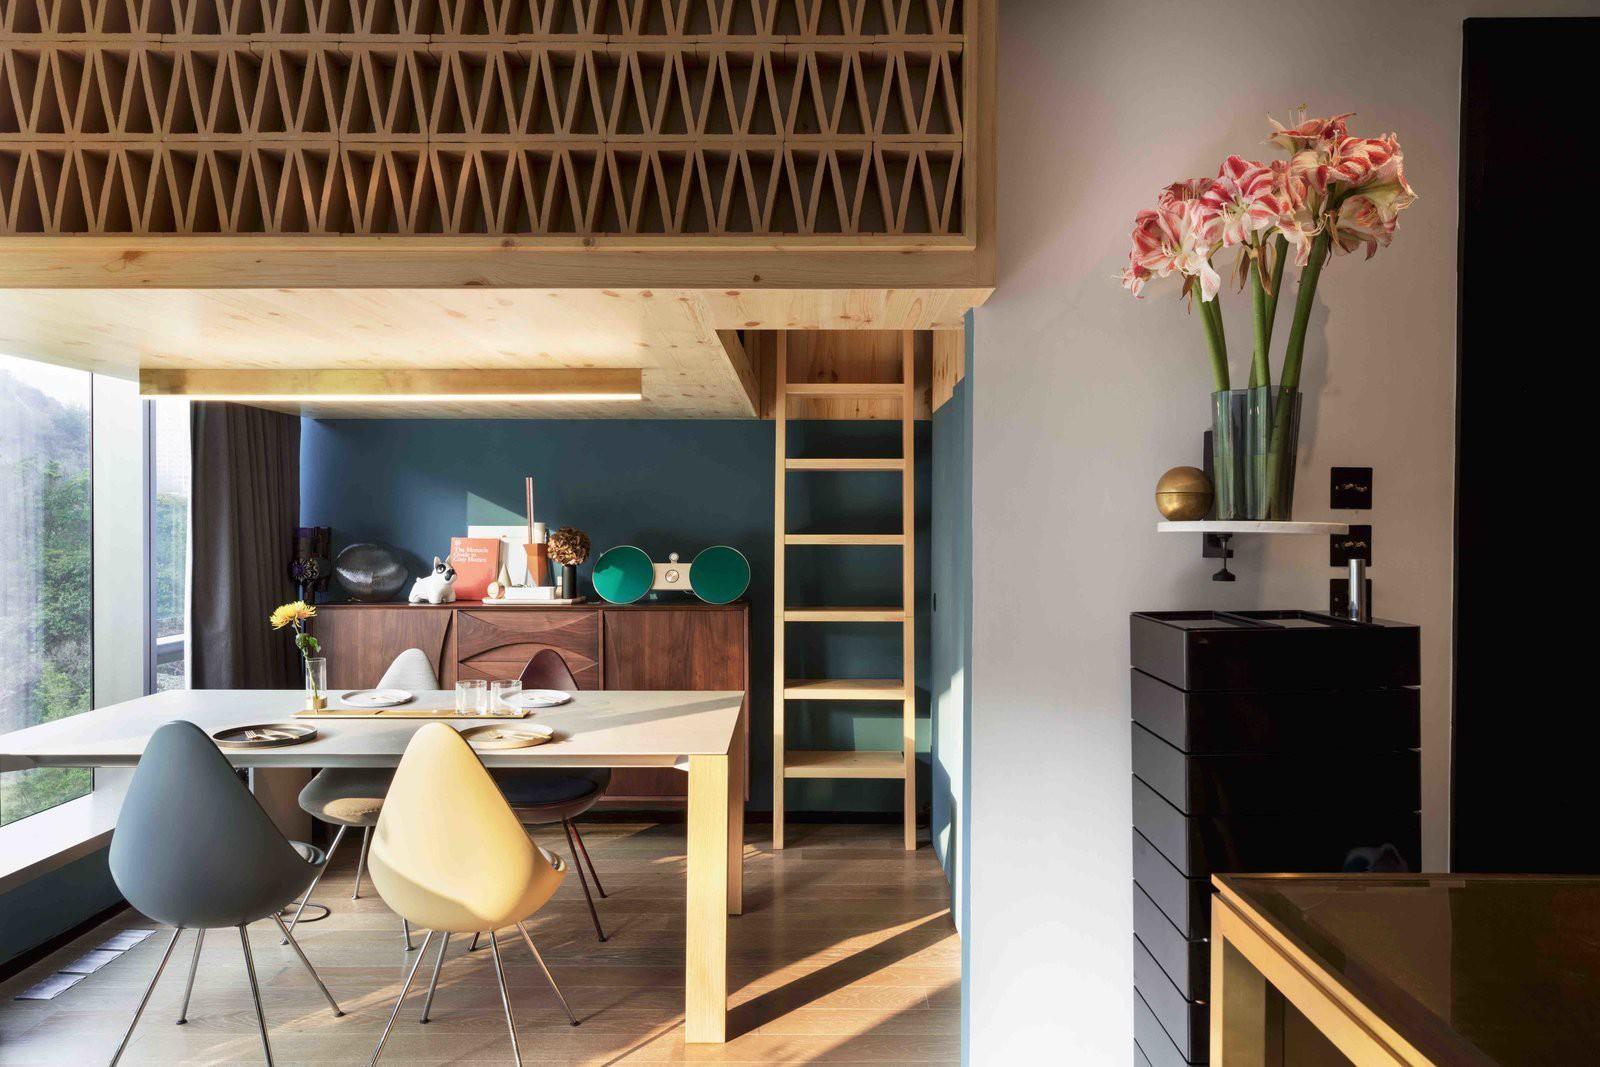 Chiêm ngưỡng căn hộ nhỏ này, bạn sẽ thấy nhà nhỏ nhưng có trần cao thì mọi việc đều được giải quyết đơn giản - Ảnh 1.